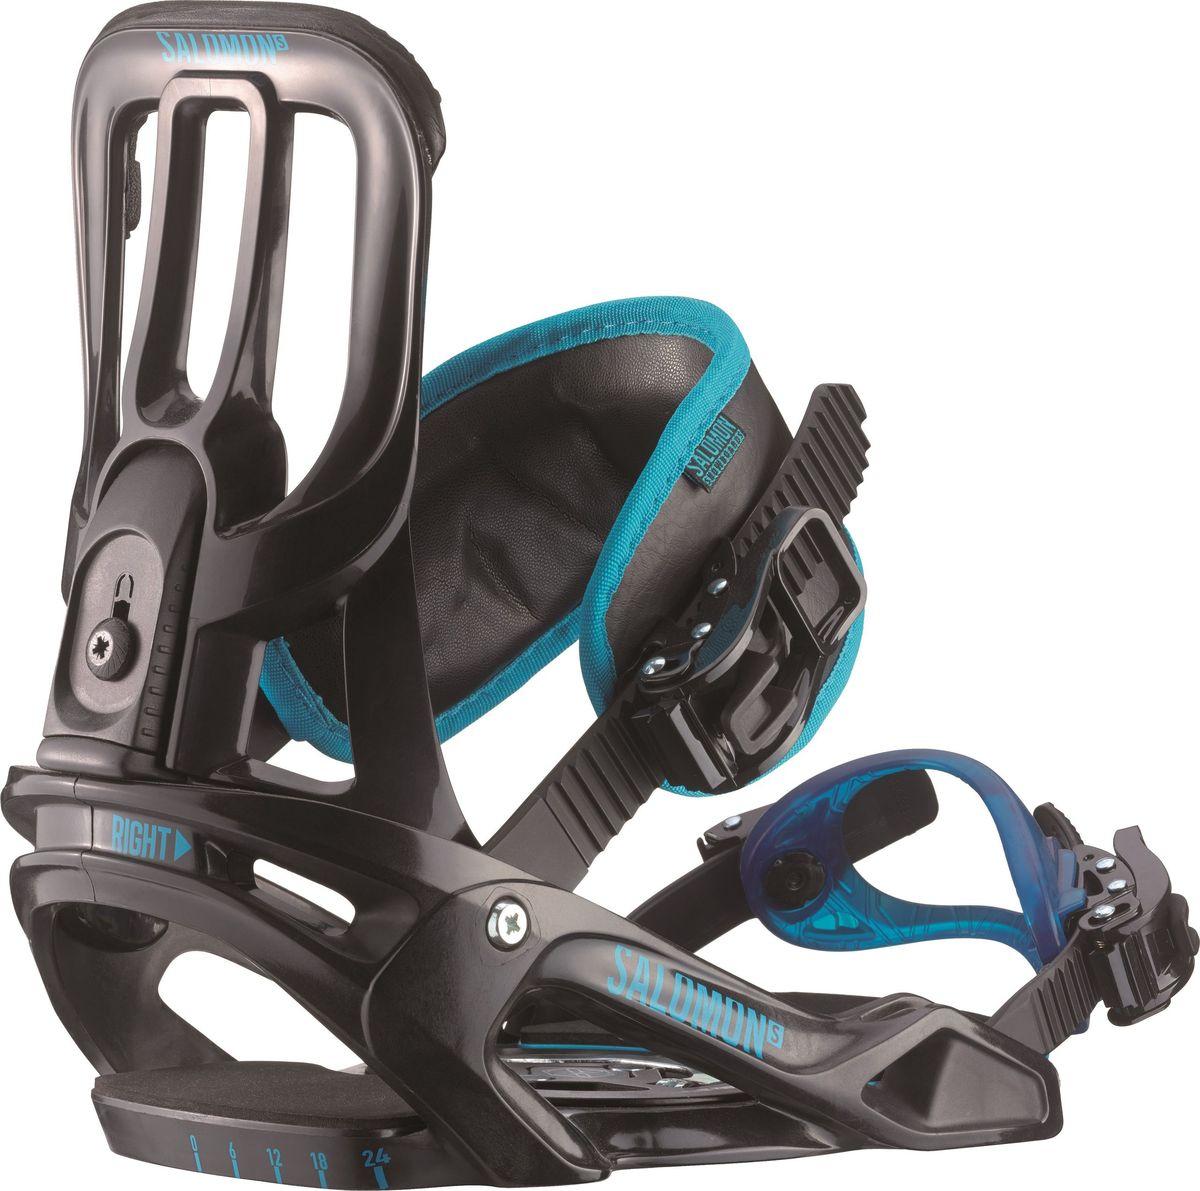 Крепление для сноуборда Salomon Unite, цвет: черный, голубой. Размер SL39943300Легкое, простое, крепкое, легко настраиваемое крепление Salomon Unite прекрасно подходит для освоения сноубордического катания новичками. Крепления оснащены диском, позволяющим быстро отрегулировать угол установки креплений, а также быструю установку/съем самих креплений.